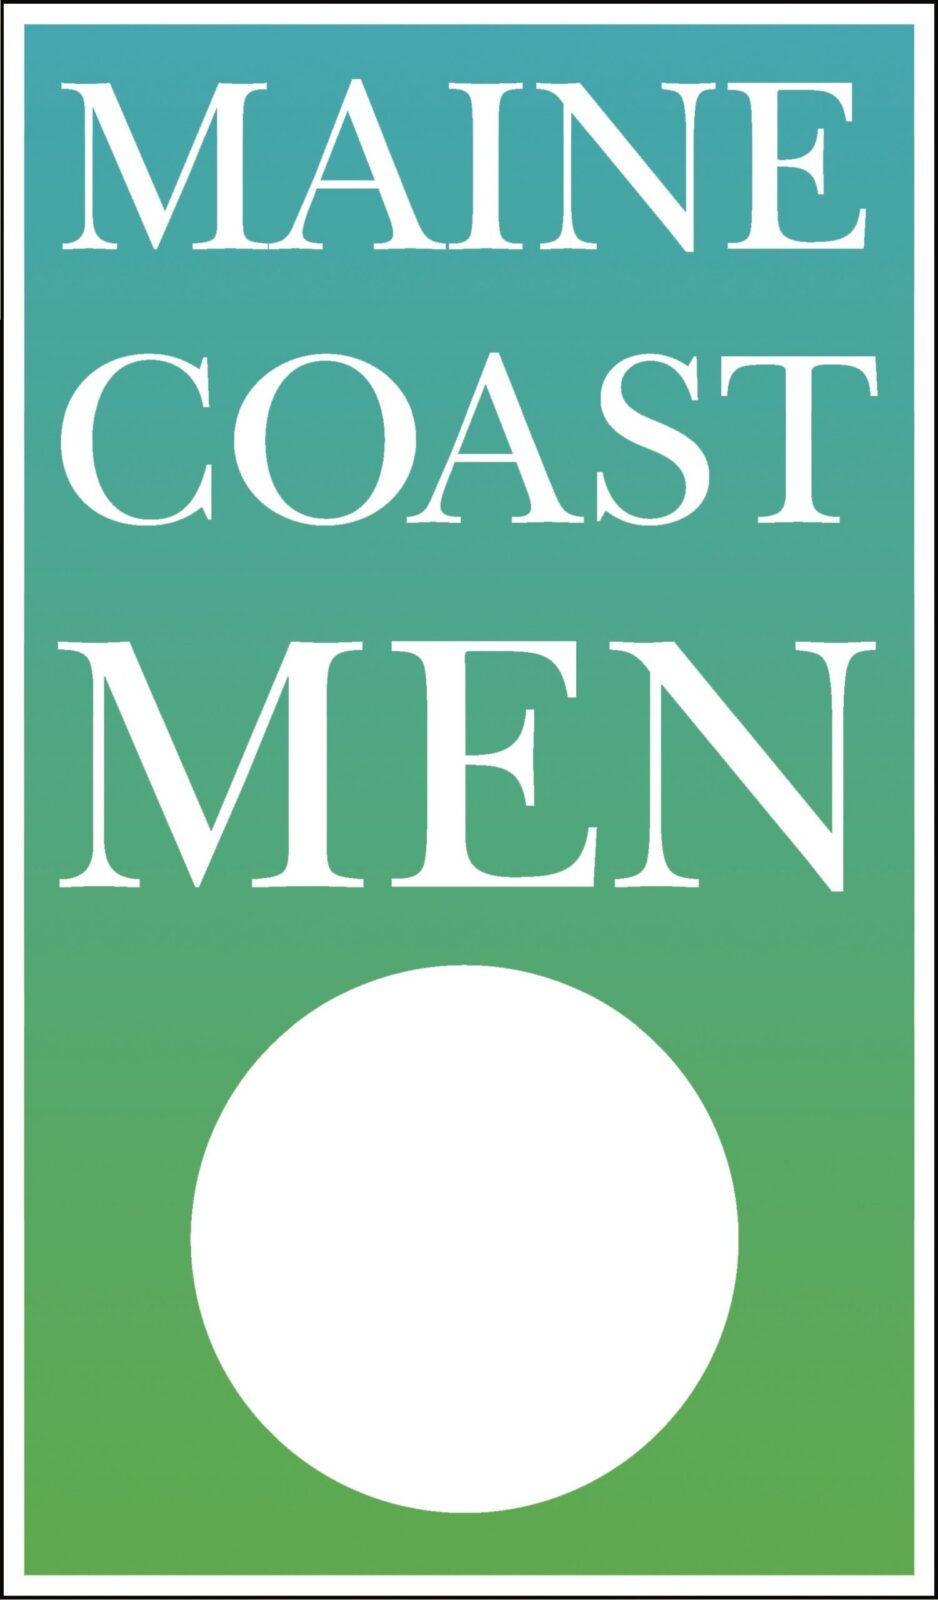 Maine Coast Men